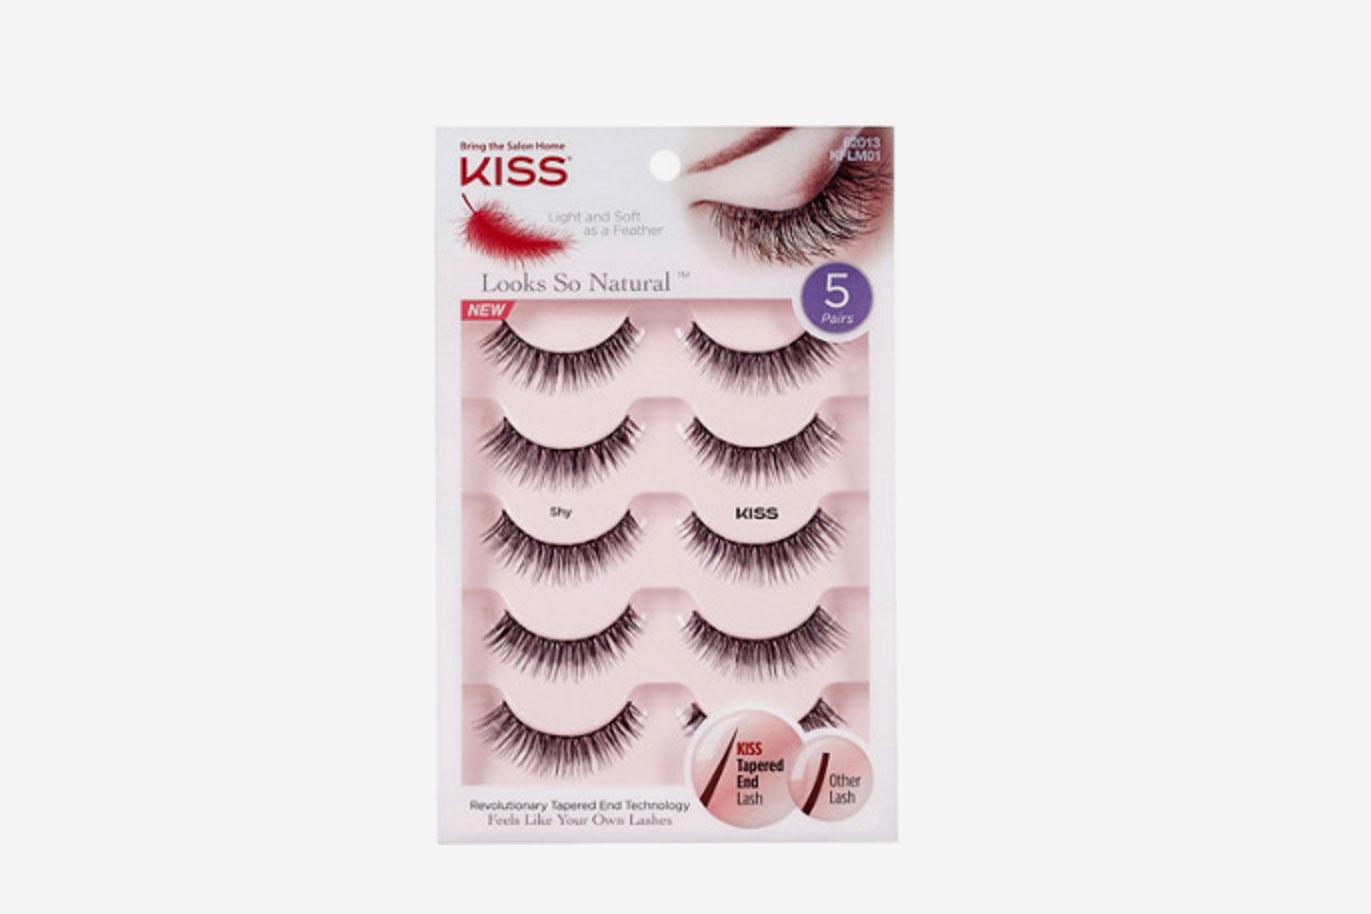 KISS Looks So Natural Lash Multipack